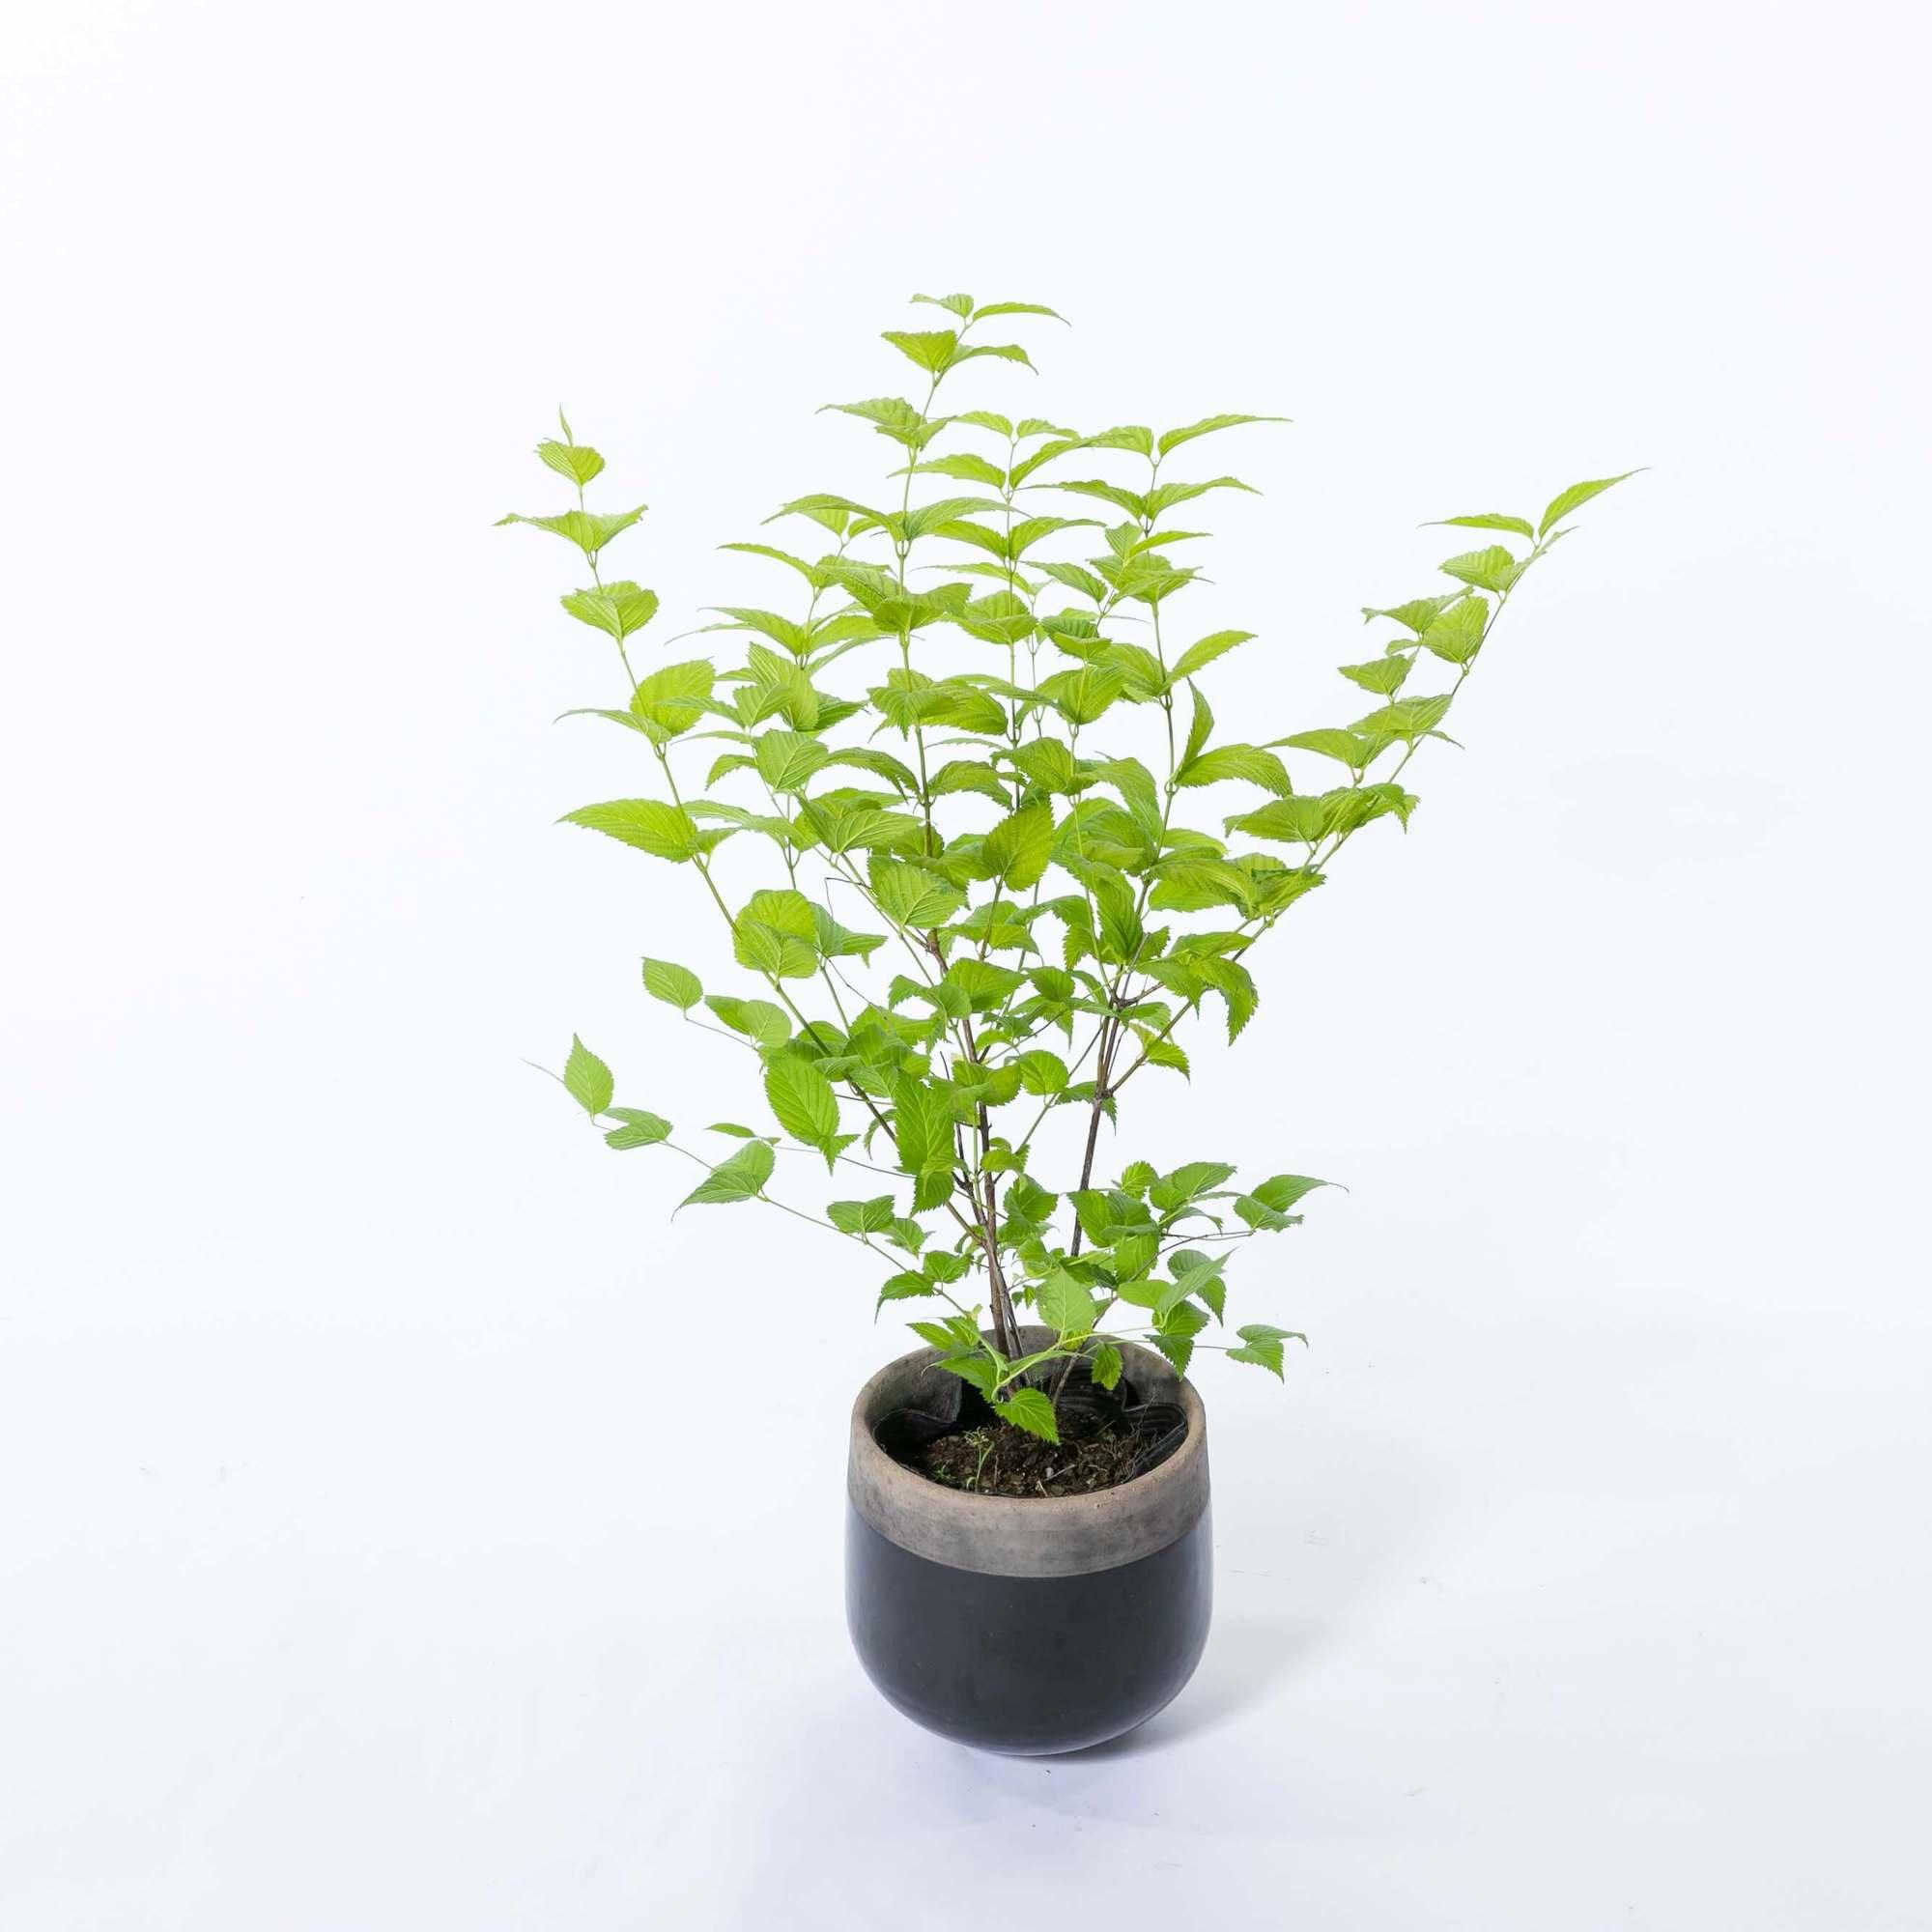 白山吹 シロヤマブキ 落葉低木 植栽 庭木